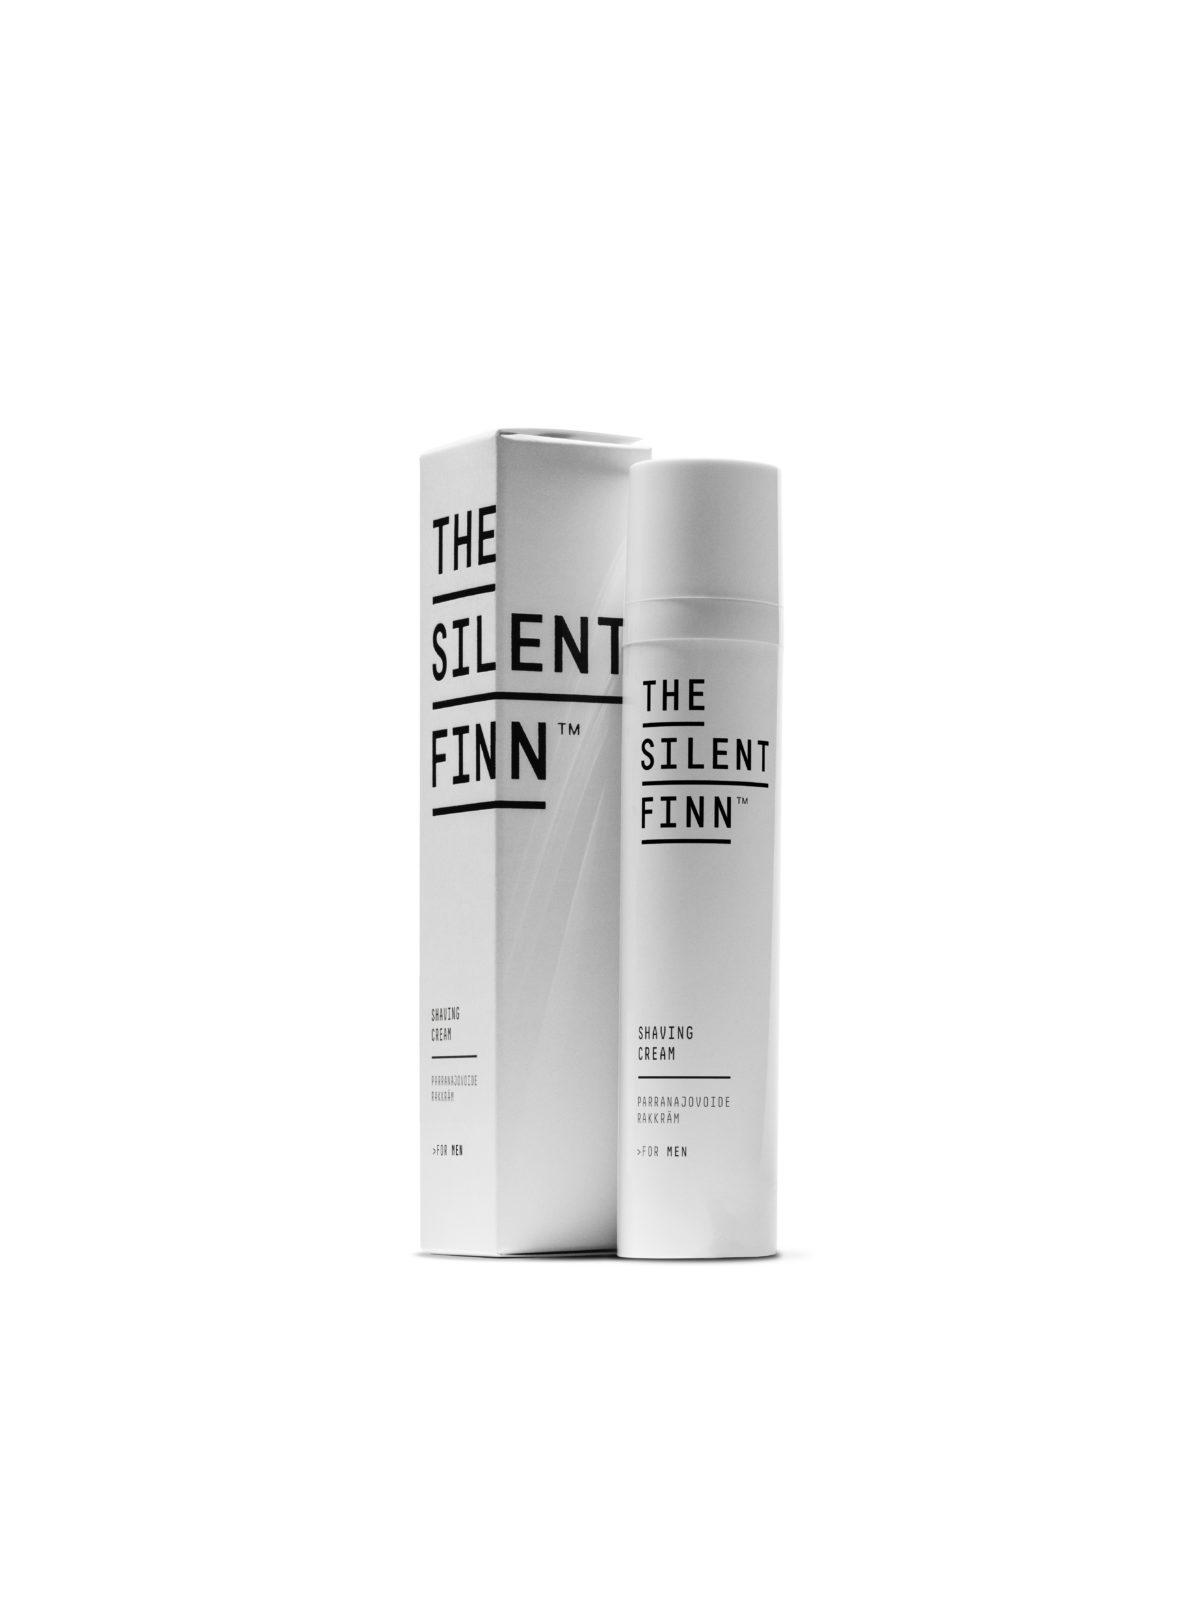 Tuotekuva: THE SILENT FINN -parranajovoide (50 ml)